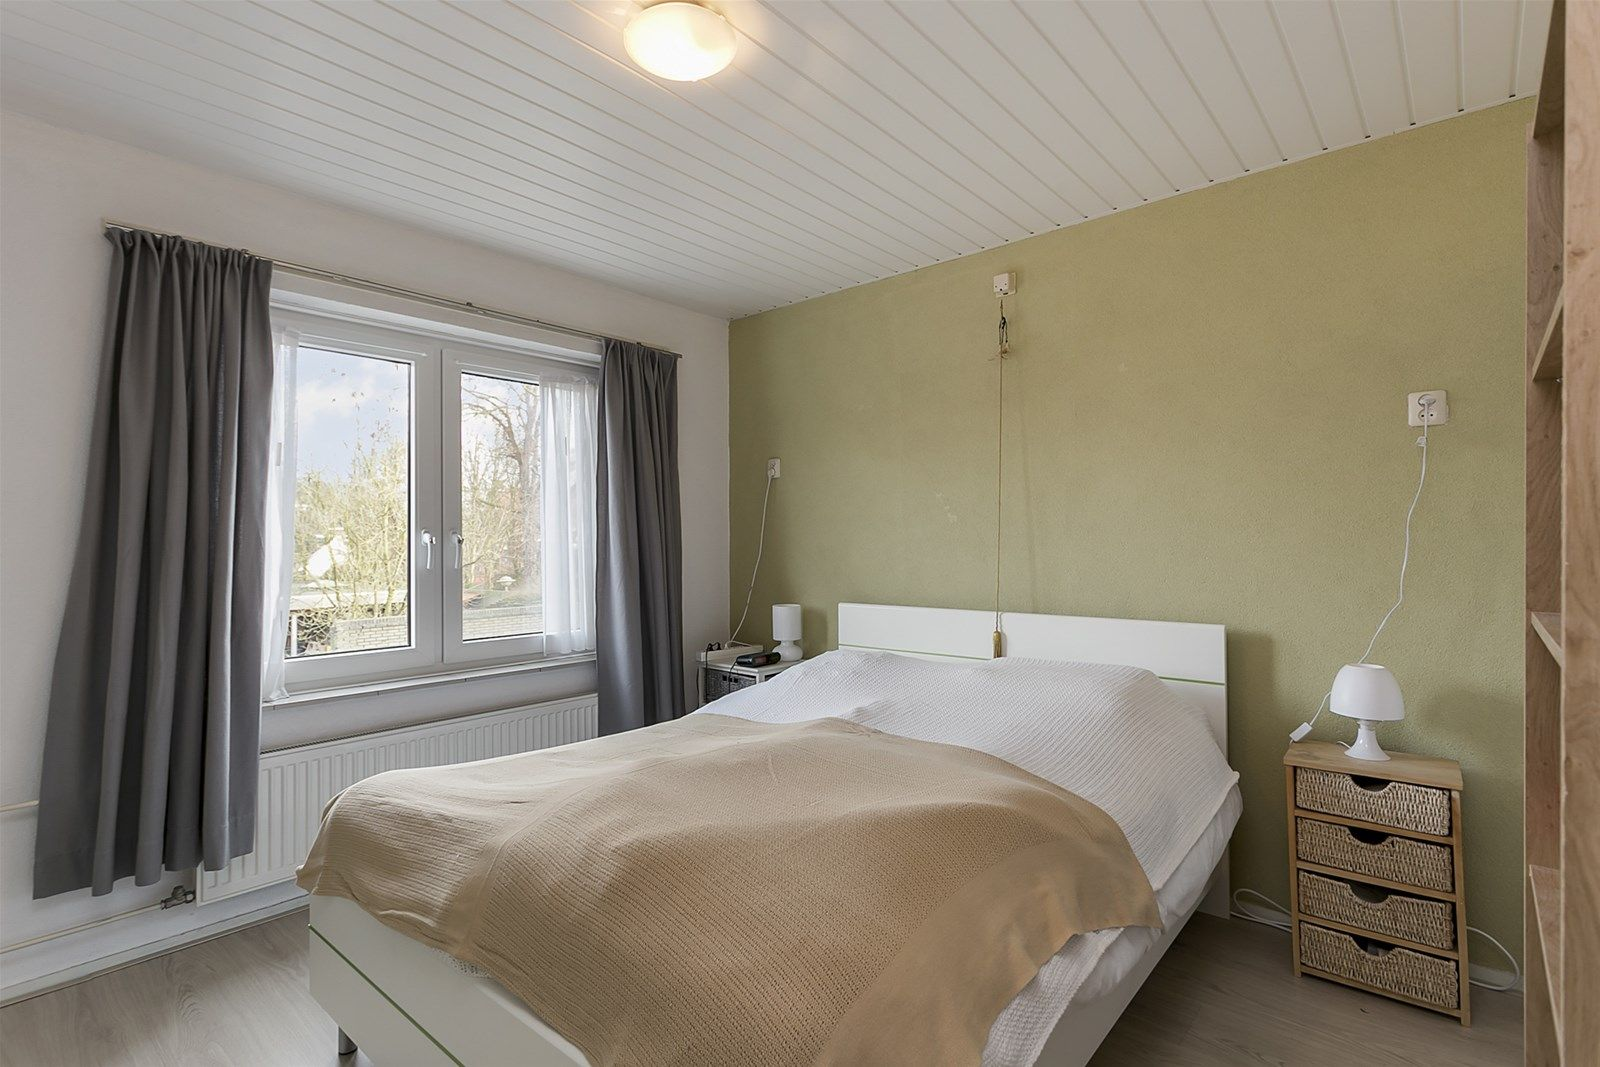 Deze middenwoning met vrijstaande berging is gelegen in een kindvriendelijke woonwijk aan een plantsoen met speelvoorziening. Op korte afstand bereik je naast alle dorpsvoorzieningen ook het unieke watergebied -De Warande-, omgeven door groen en wandelpaden. De A58 (Tilburg-Breda) is eveneens op korte afstand bereikbaar!   De woning is voorzien van kunststof kozijnen met dubbele beglazing en heeft een woonkamer met gaskachel en tuindeur naar de achtertuin, een keuken, drie slaapkamers, een praktische wasruimte, een moderne badkamer en een ruime bergzolder bereikbaar viaeen vlizotrap.   De voor- en achtertuin zijn beide verzorgd aangelegd waarbij de achtertuin tevens toegankelijk is via een achterom aan de achterzijde.    BEGANE GROND Entree/hal met toegang tot de toiletruimte, voorraadkast, woonkamer, keuken en vaste trap naar de  eerste verdieping. Afwerking- tegelvloer, houten wanden (geverfd) en een stucwerk plafond. Meterkast- 2 groepen en een aardlekschakelaar.  Toiletruimte met een fonteintje. Afwerking- tegelvloer, wandtegels en een kunststof delen plafond.  Praktische voorraadkast   Woonkamer met drie inbouwkasten, schouw met gaskachel en een loopdeur naar de achtertuin. Afwerking- laminaatvloer, Spachtelputz wanden en een Spachtelputz plafond met houten balken.  Keuken in rechte opstelling uitgerust met een houten aanrechtblad, 1 spoelbak, 4 pits gas kookplaat,  elektrische oven en afzuigkap. Middels een loopdeur heb je toegang tot de achtertuin.  Afwerking- tegelvloer met deels betegelde, deels houten en deels stucwerk wanden.  Het plafond is afgewerkt met houten delen (geverfd).   EERSTE VERDIEPING Overloop met toegang tot drie slaapkamers, een wasruimte en badkamer. Afwerking- laminaatvloer, deels houten lambrisering en deels Granol op de wanden.  Het plafond is afgewerkt met houten delen (geverfd).   Slaapkamer 1- gelegen aan de achterzijde. De ruimte is voorzien van draai-kiep ramen en een vaste kast. Afwerking- laminaatvloer, Spachtelputz wanden en ee